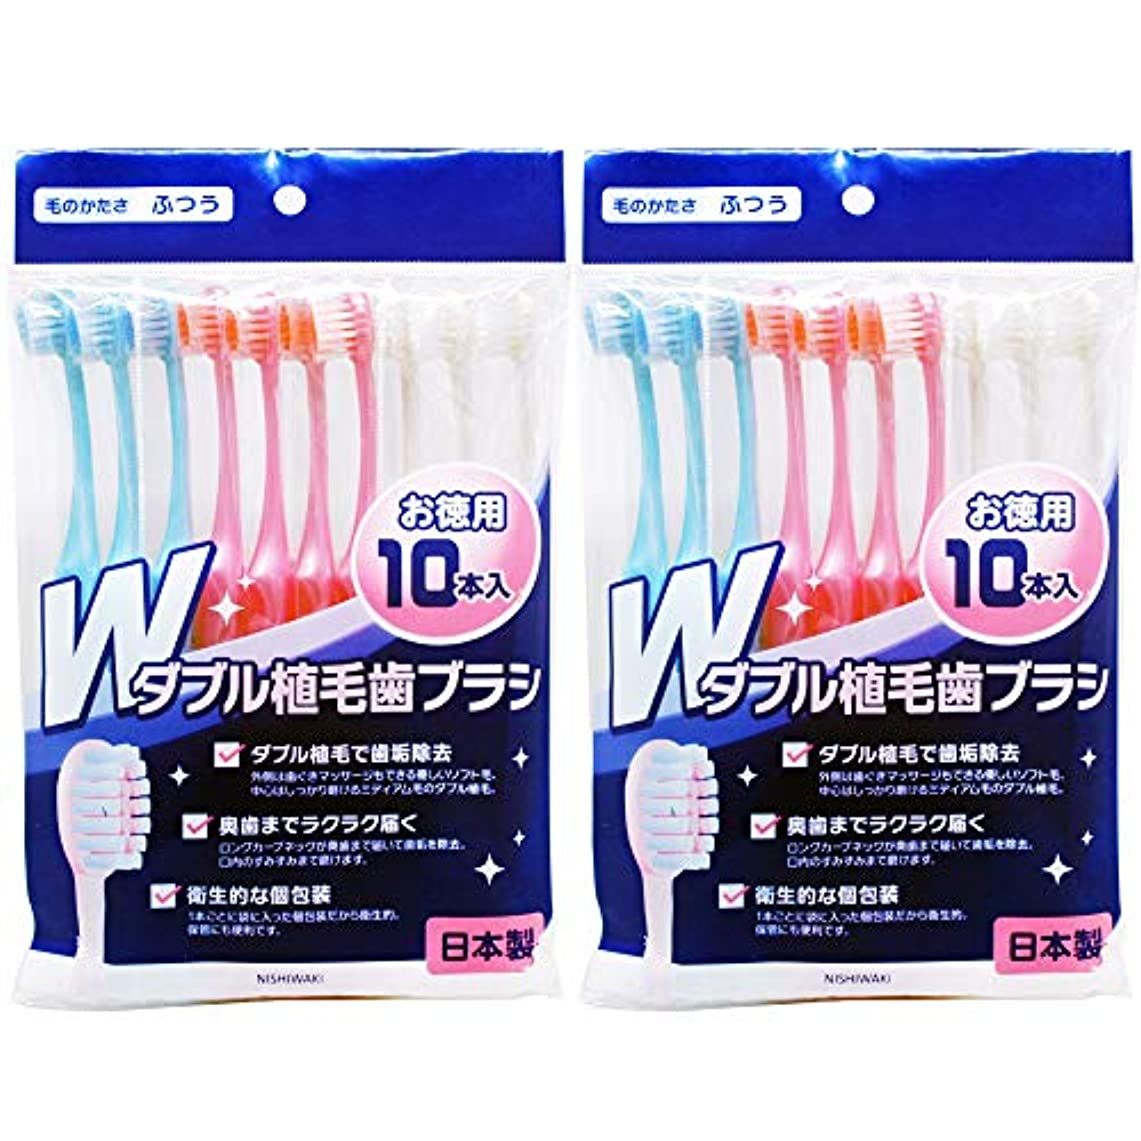 歯ブラシ 日本製 20本セット「外側やわらか植毛歯ブラシ」